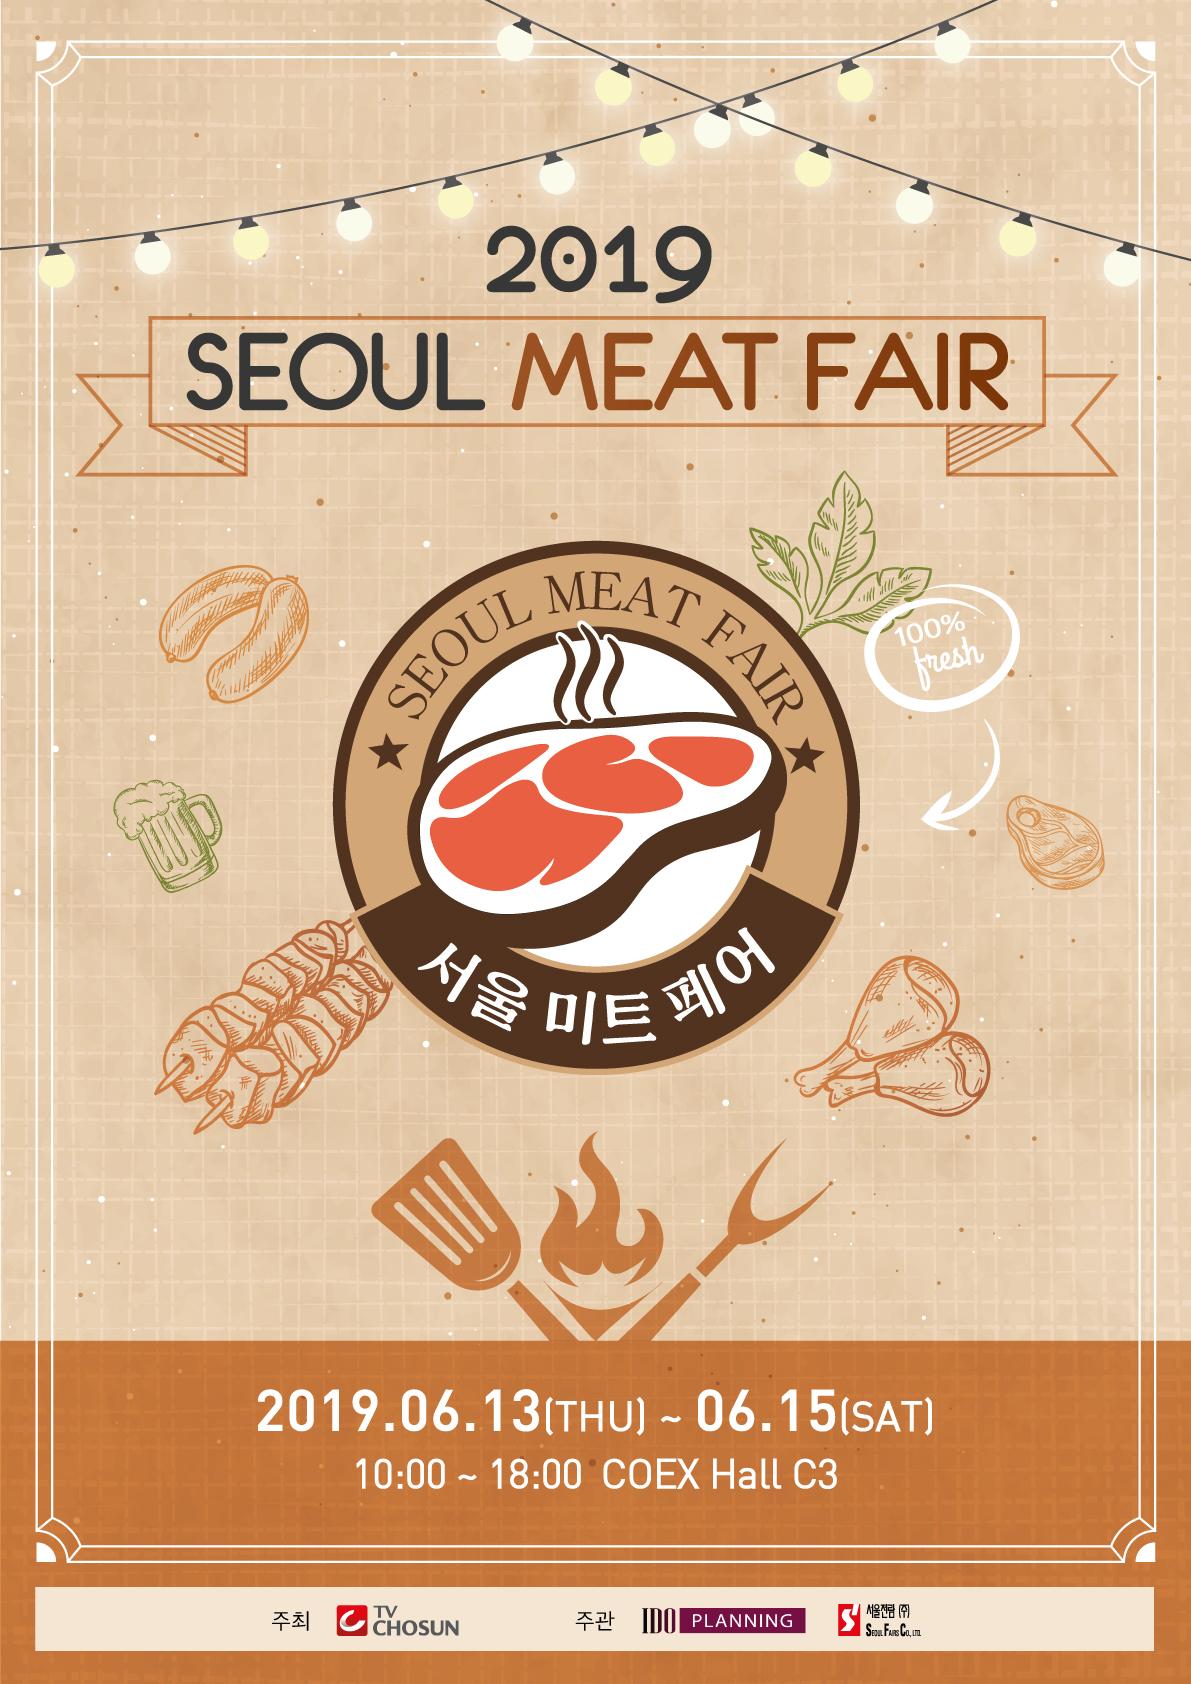 2019 서울미트페어 / 2019 Seoul Meat Fair